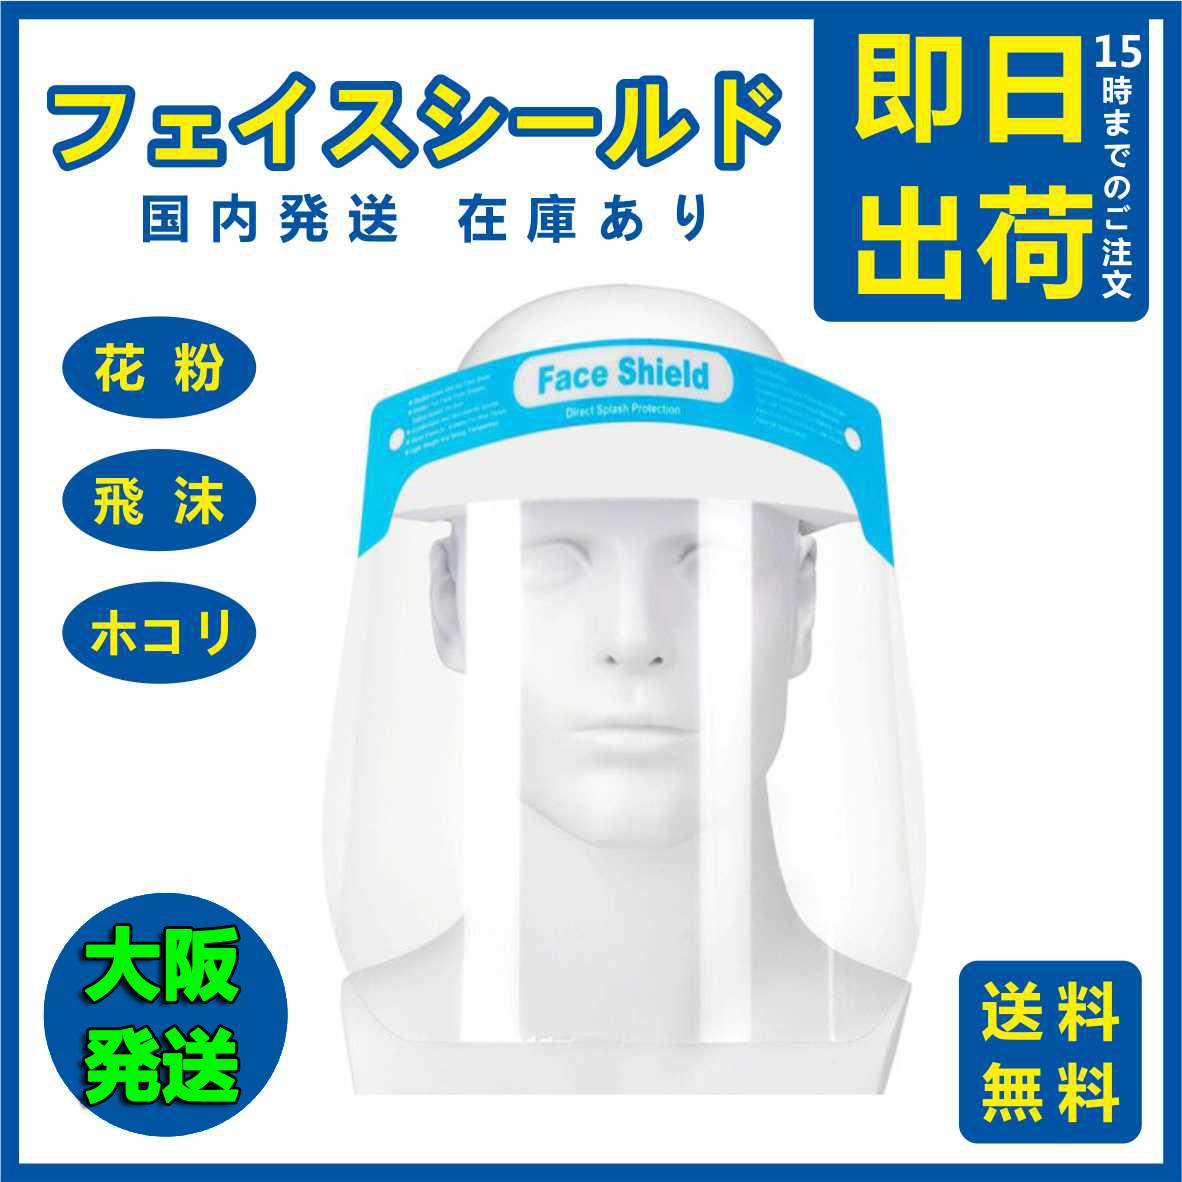 【国内発送/即納】フェイスカバー 飛沫防止 高透明度 水洗い 軽量 弾性海綿 PET 数回利用可能 マスク